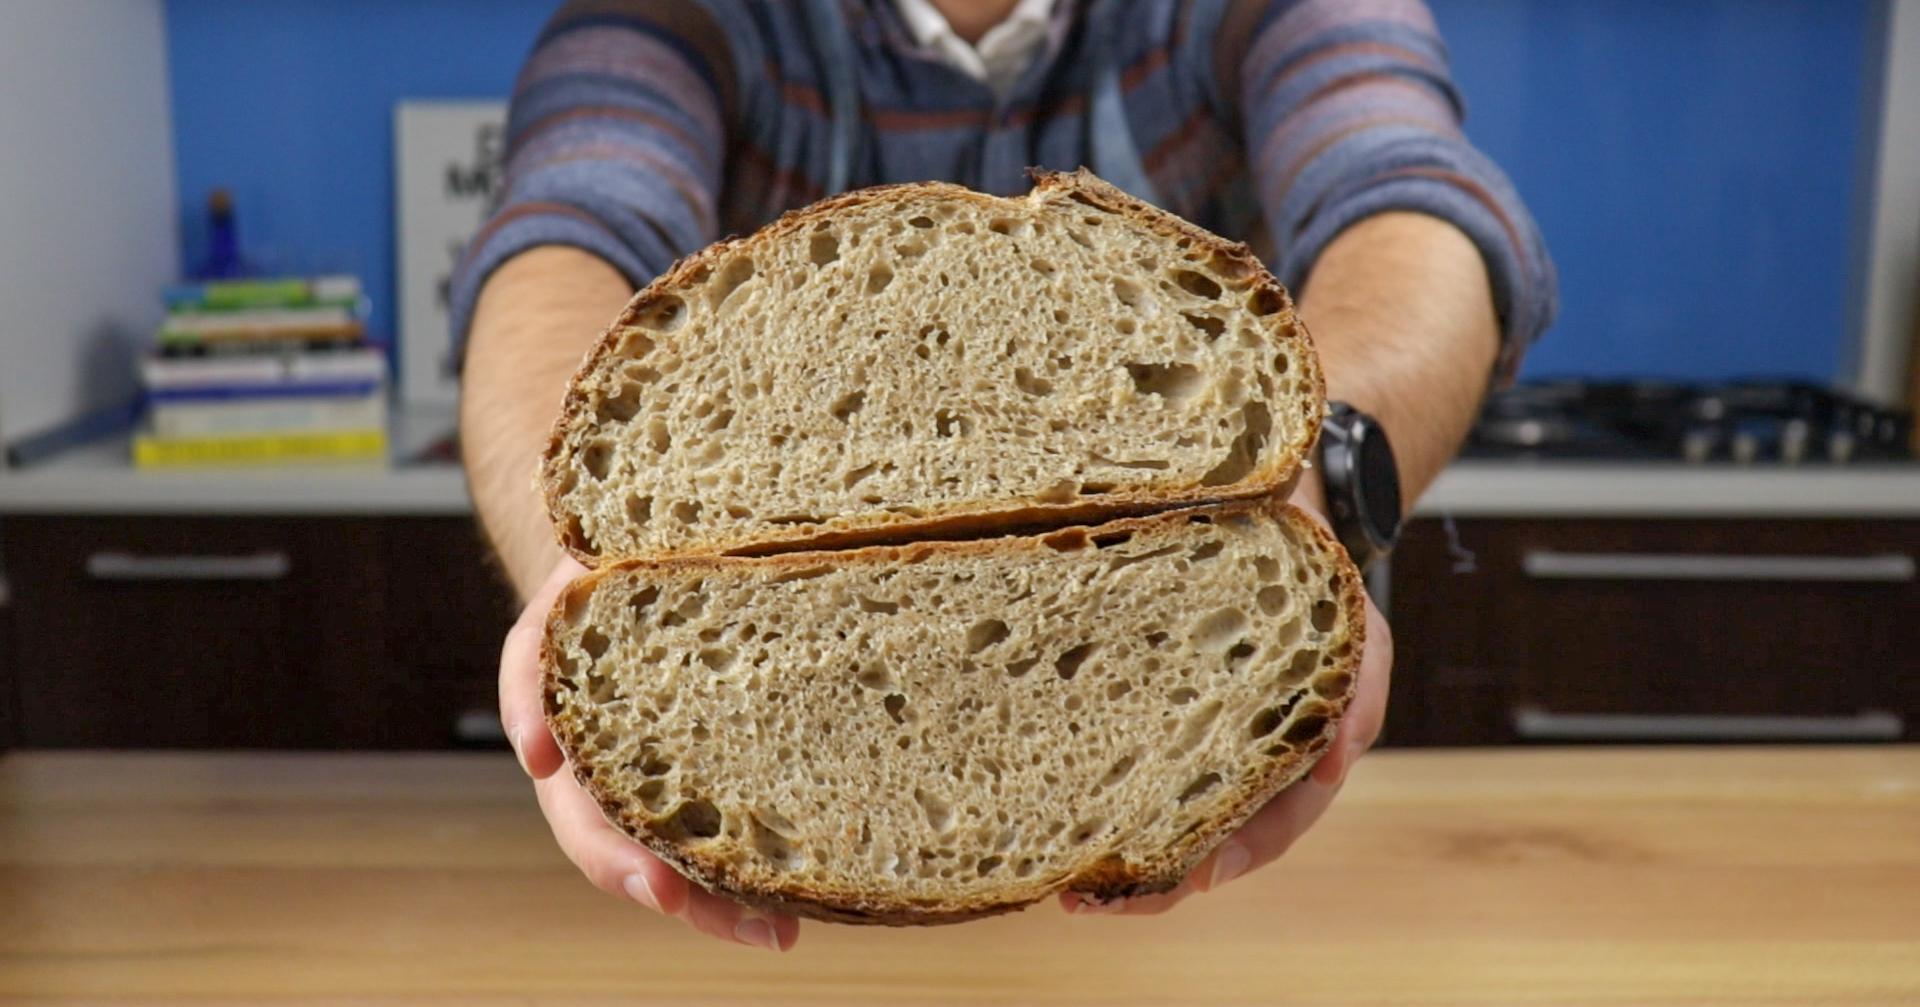 Painea corporatistului, cea mai simpla paine cu maia de pana acum